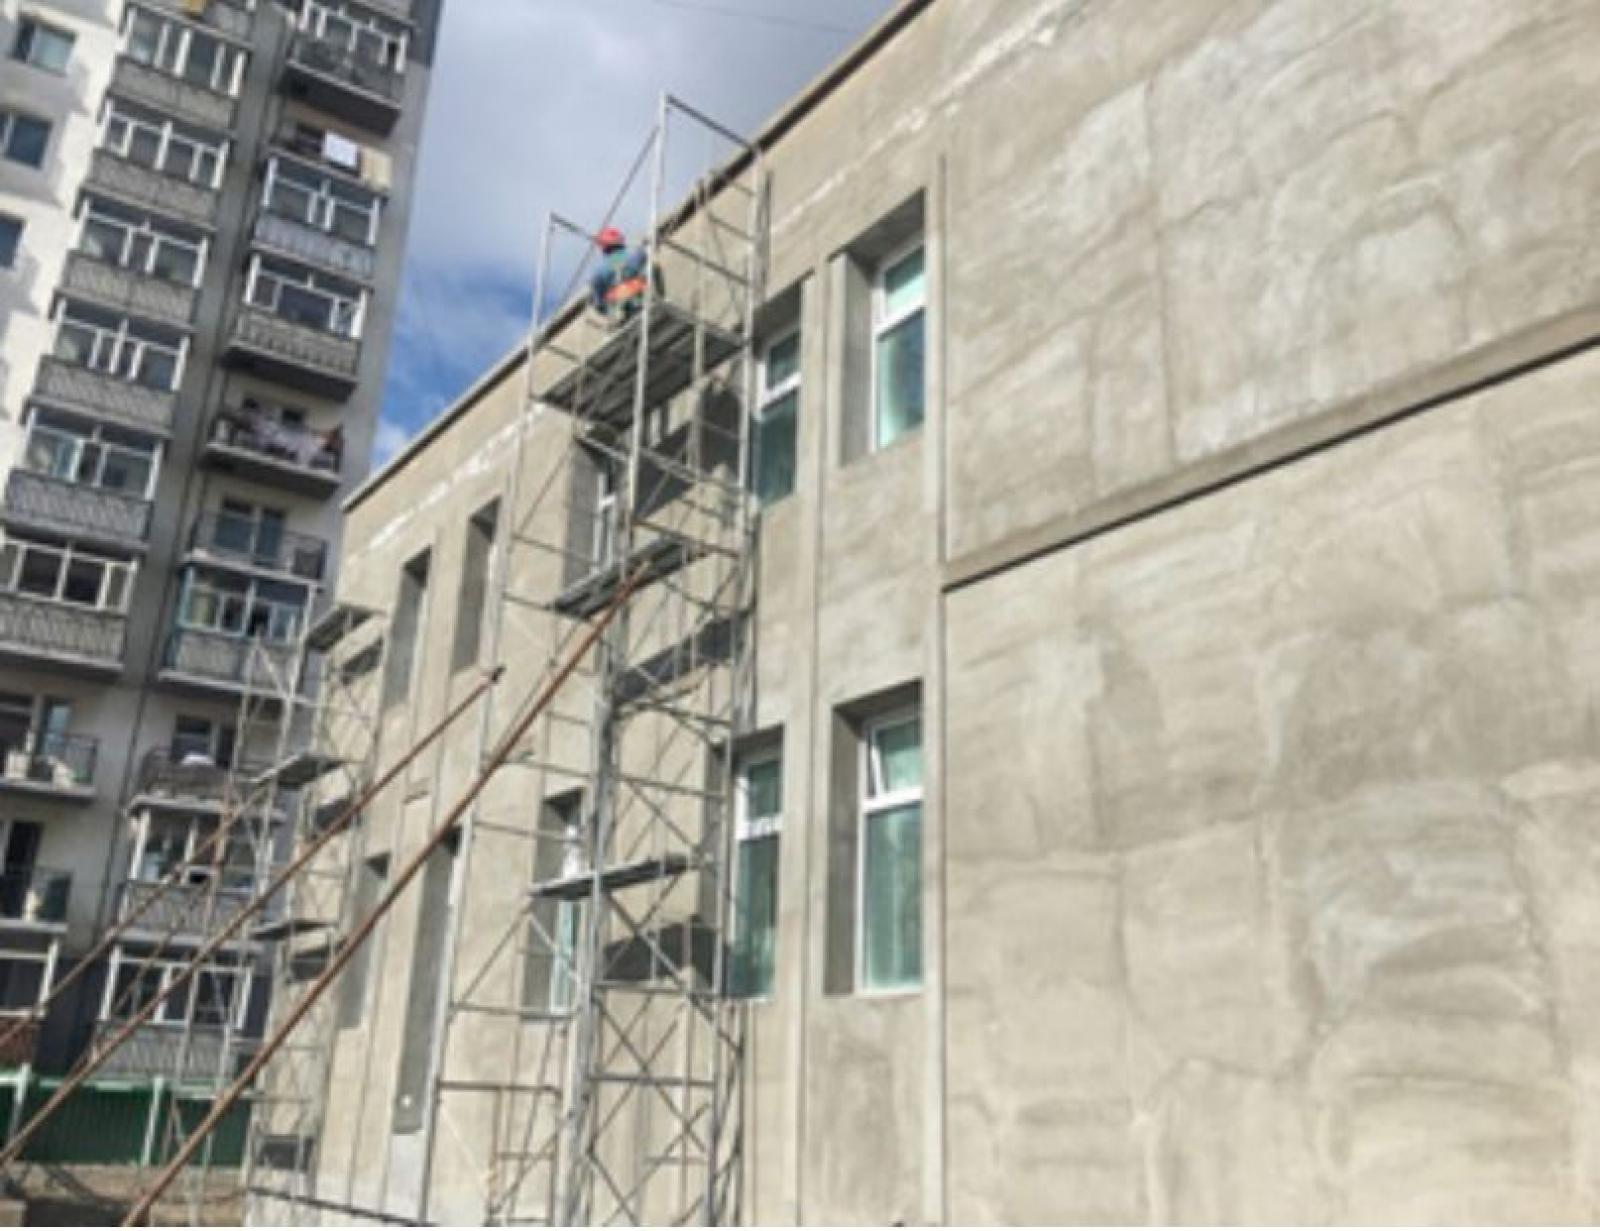 Сүхбаатар дүүргийн X хорооны 24 дүгээр цэцэрлэгийн барилгын явц 98 хувьтай байна